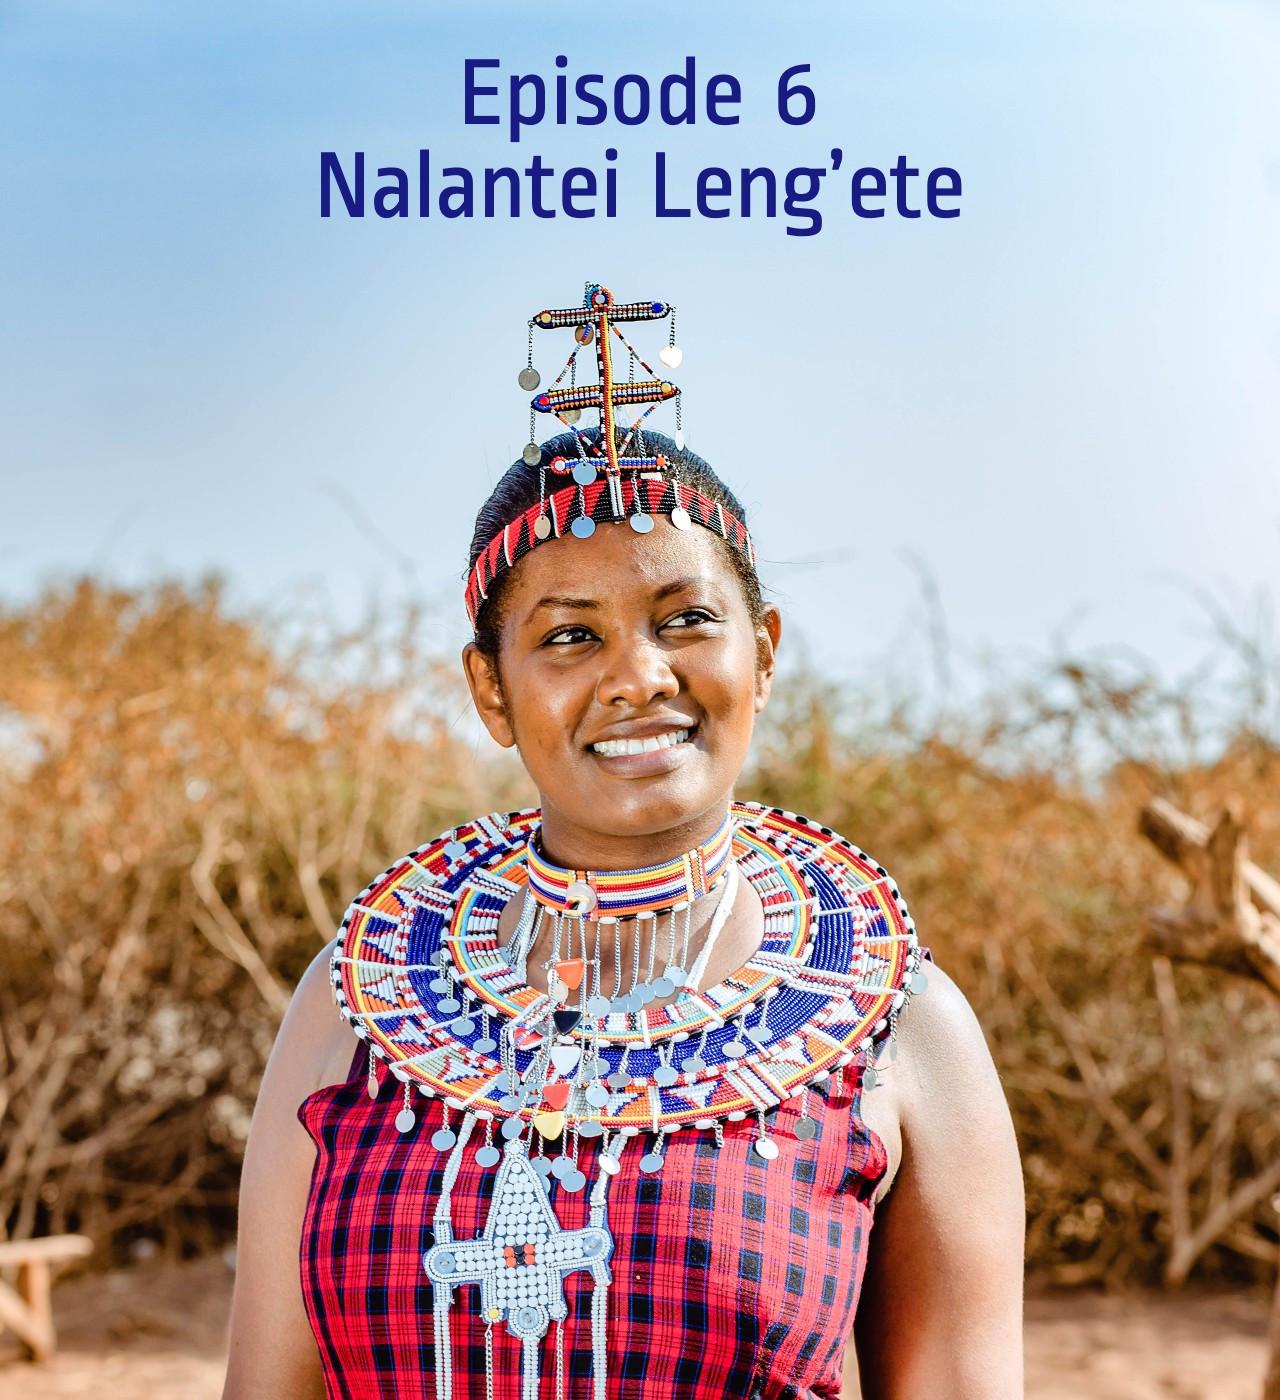 Episode 6 - Nalantei Leng'ete